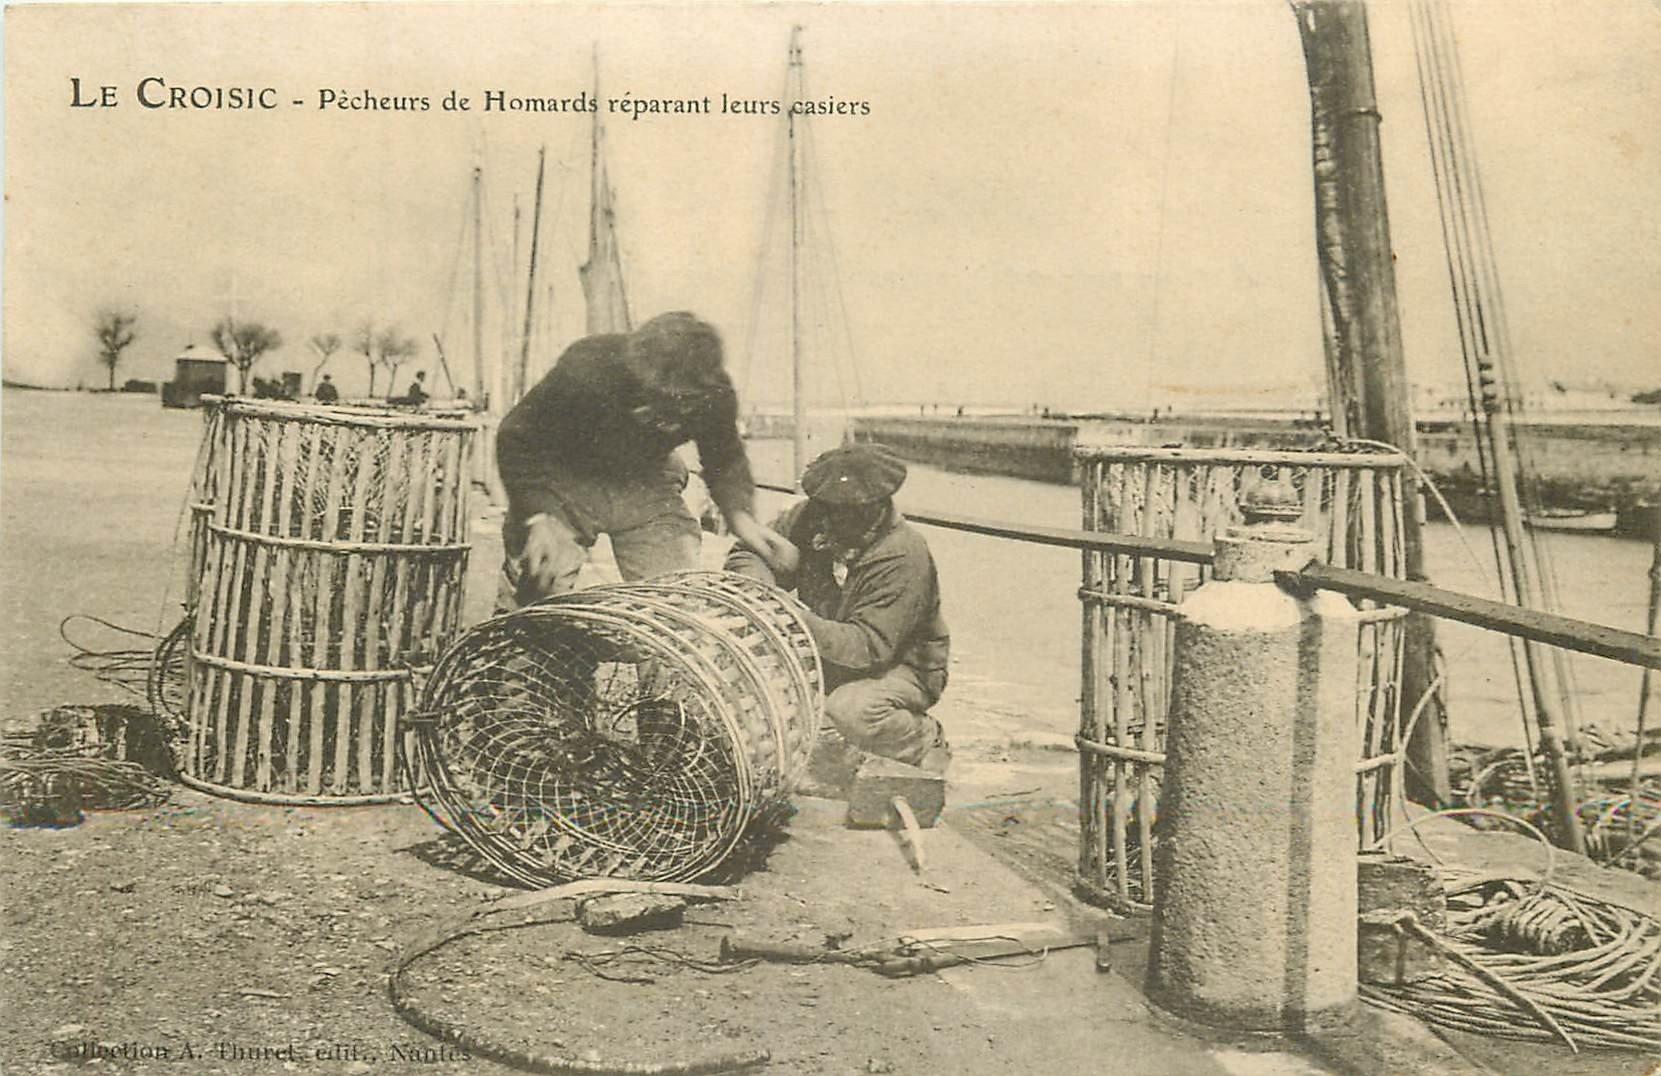 44 LE CROISIC. Pêcheurs de Homards réparant leurs casiers